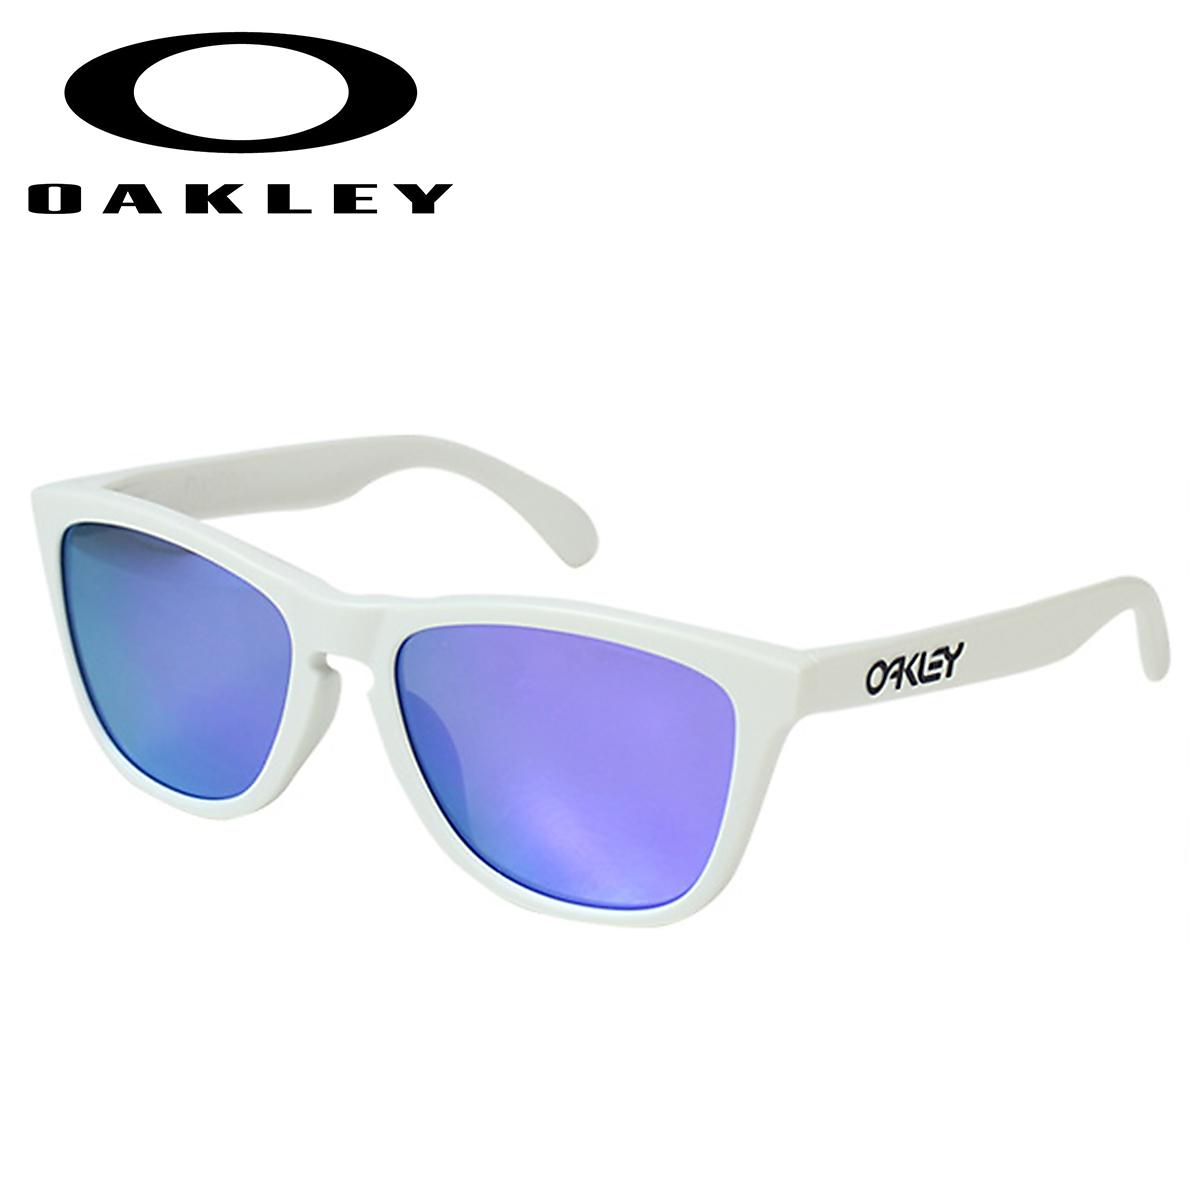 8f49b8a76435 Oakley Oakley Sunglasses Frogskins Asian Fit frog skin mens Womens glasses  Asian fit OO9245-17 ...